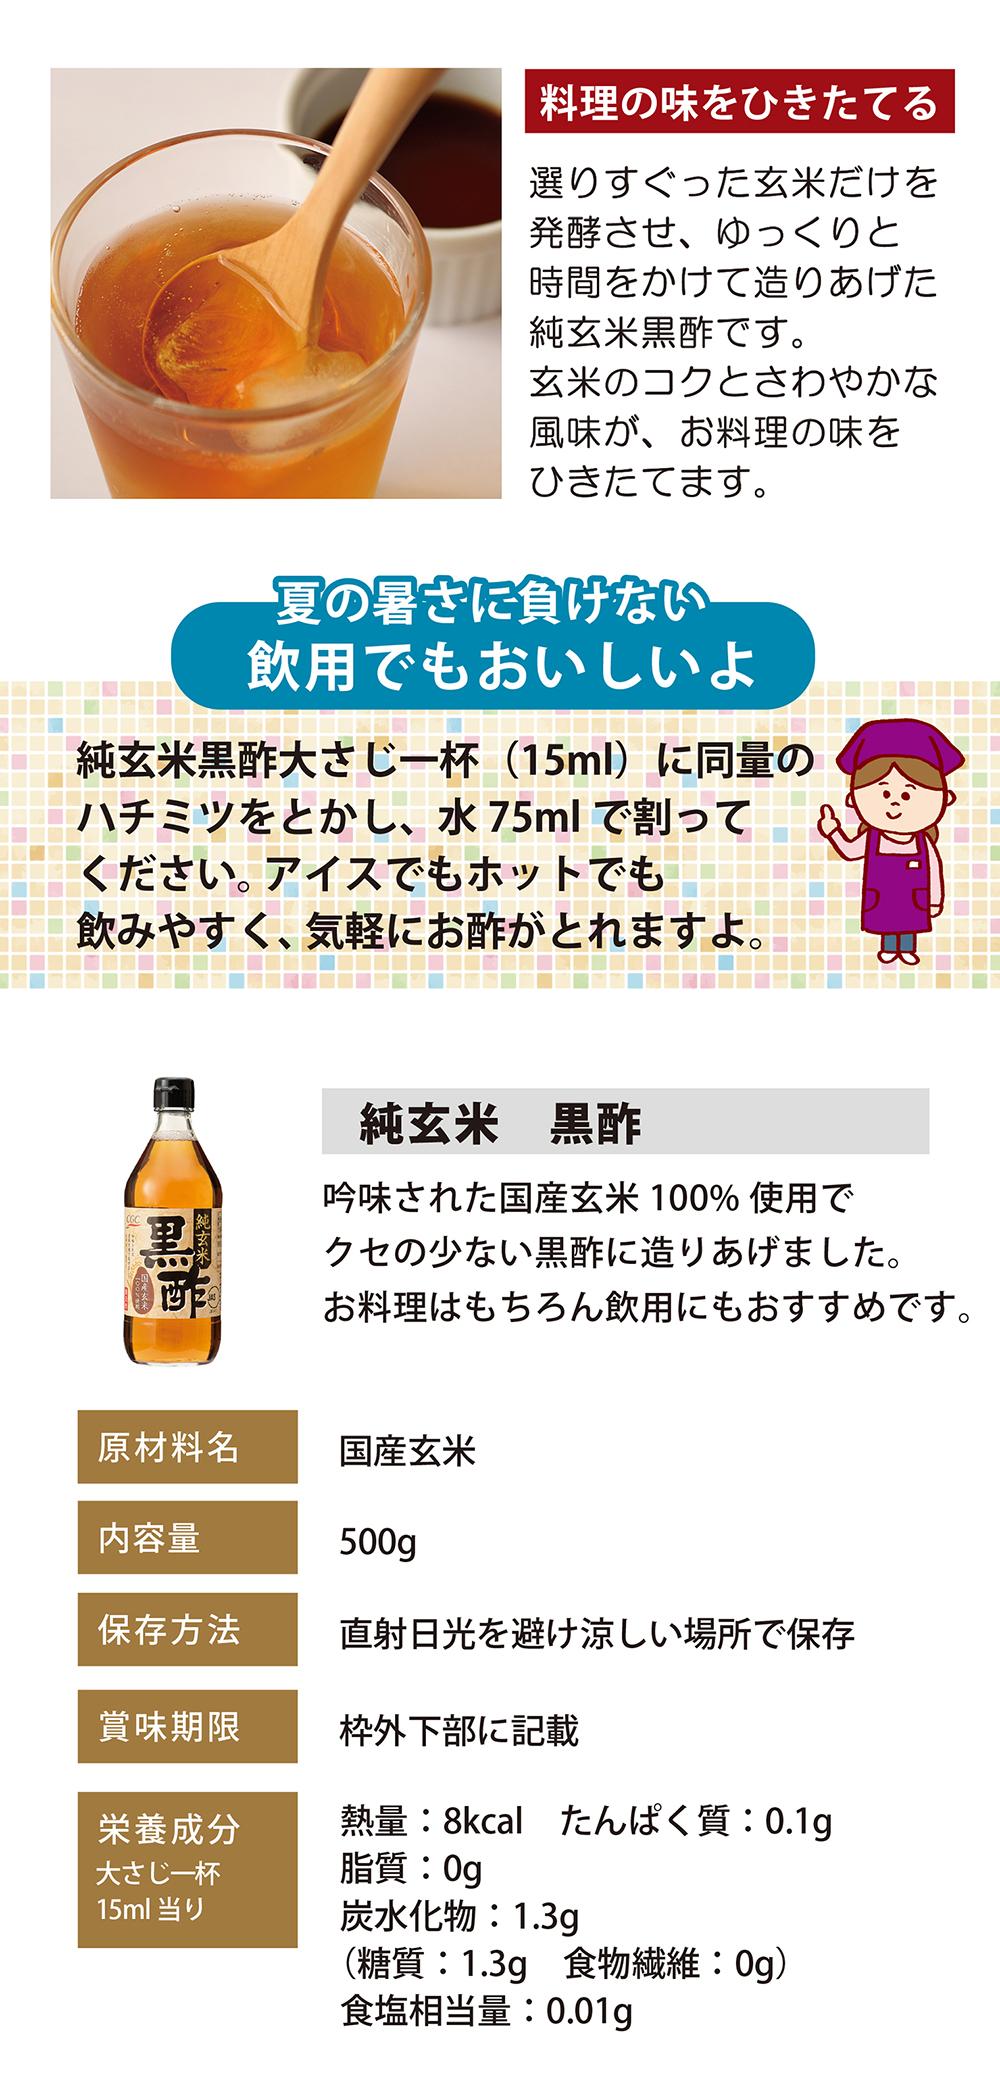 CGC 純玄米 黒酢